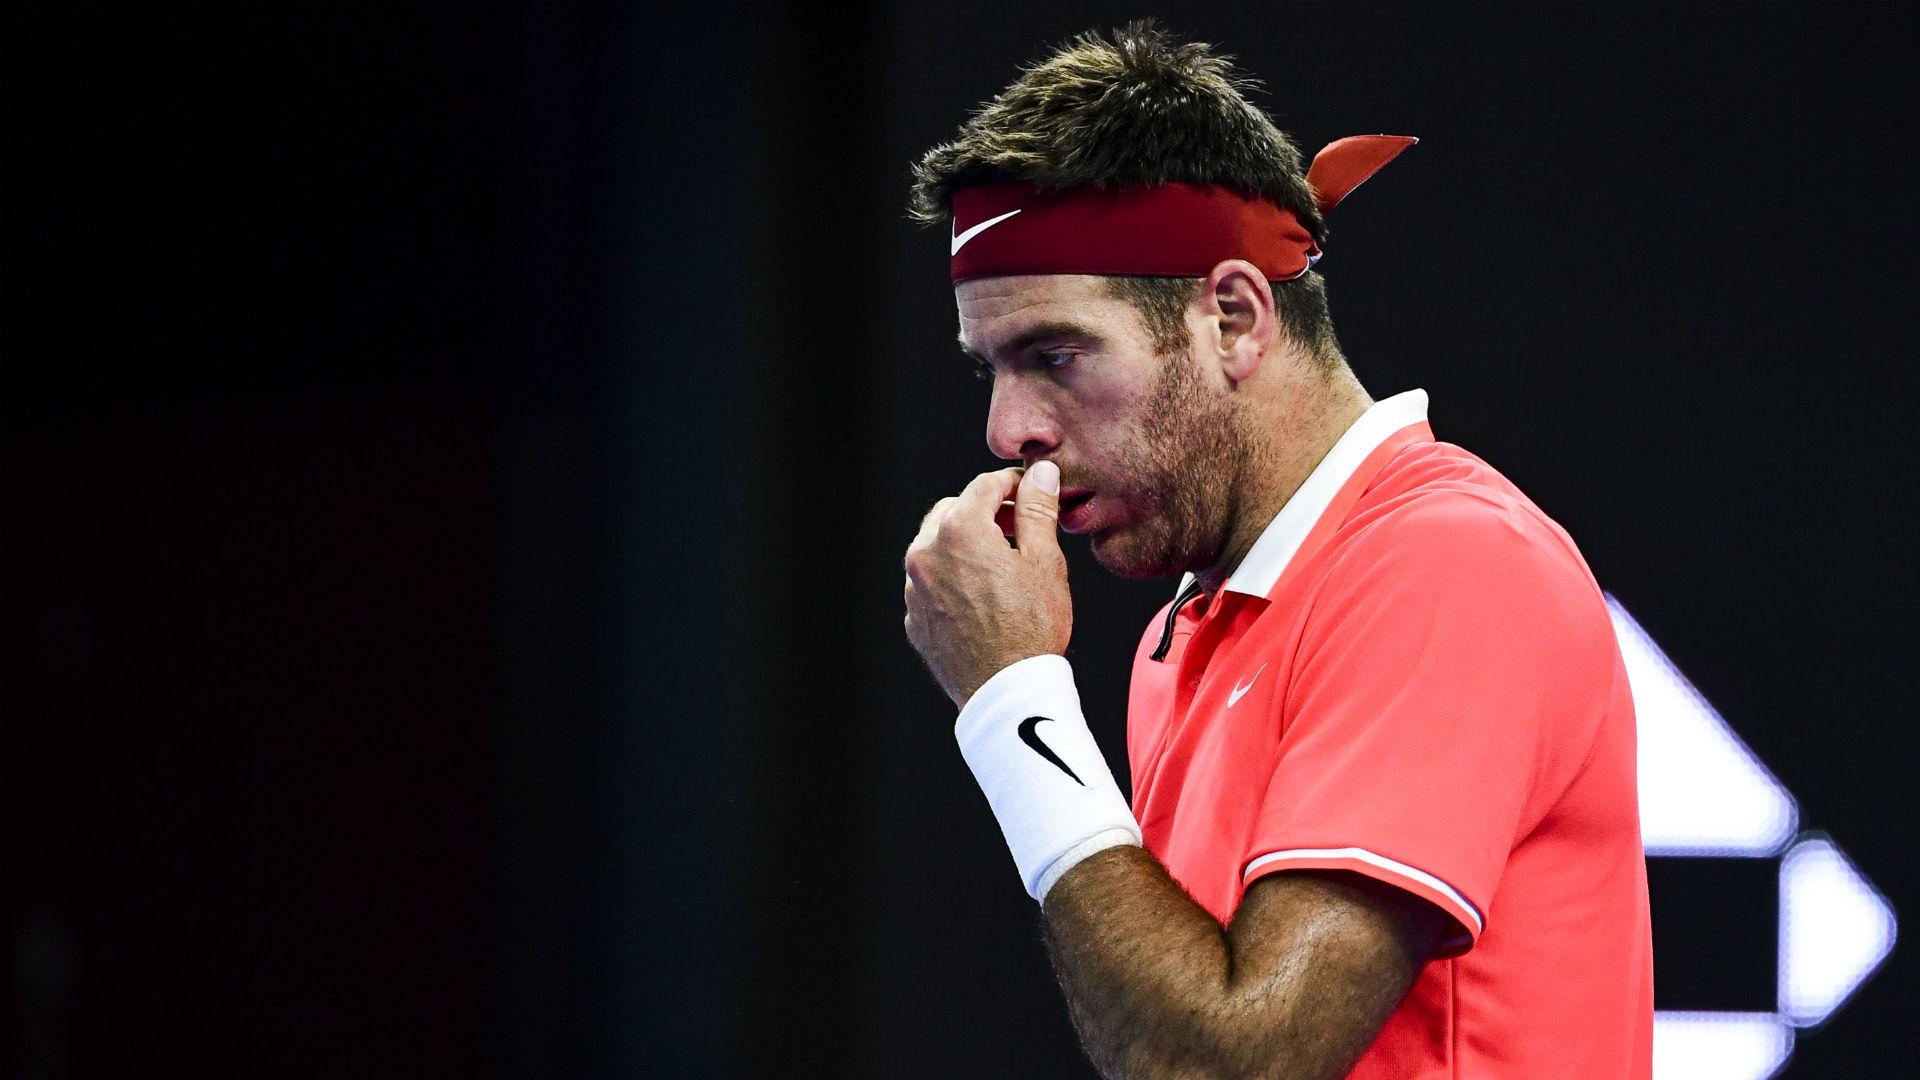 Del Potro follows Nadal in missing Miami Open